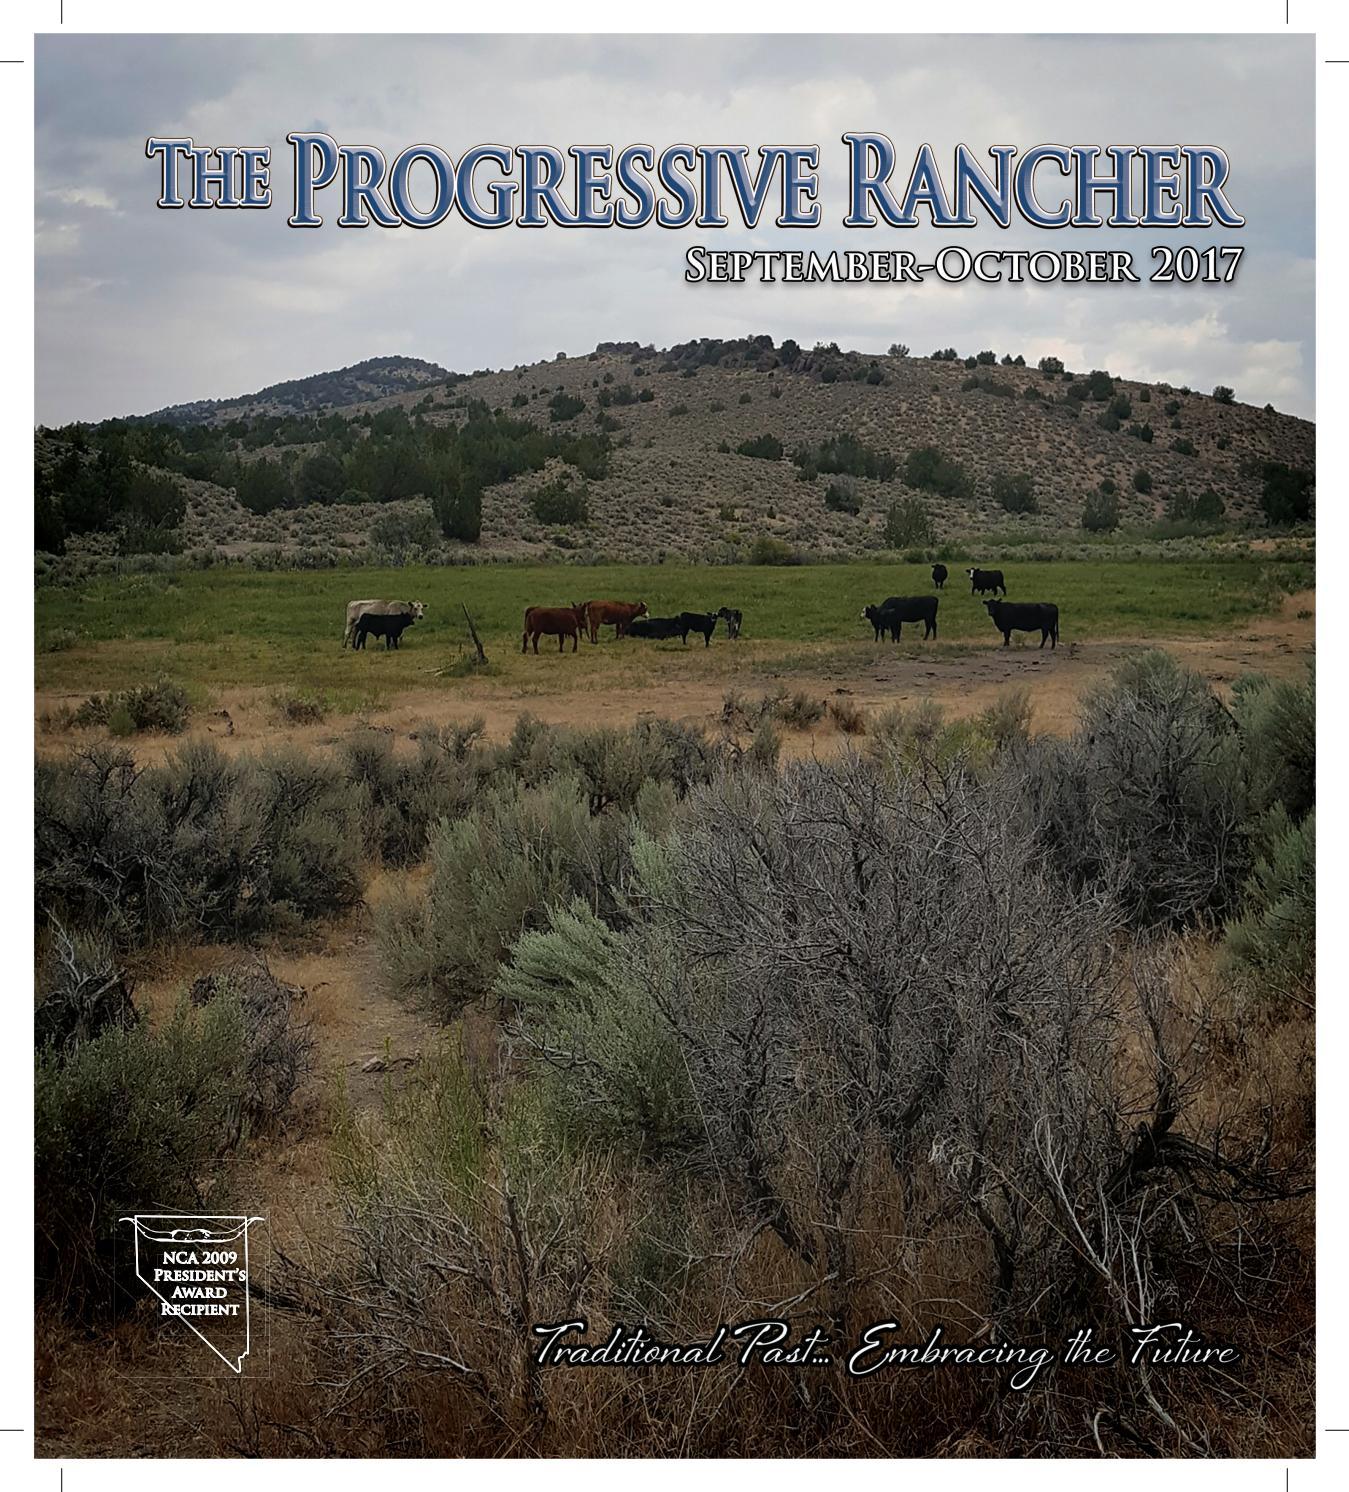 widespread ranch